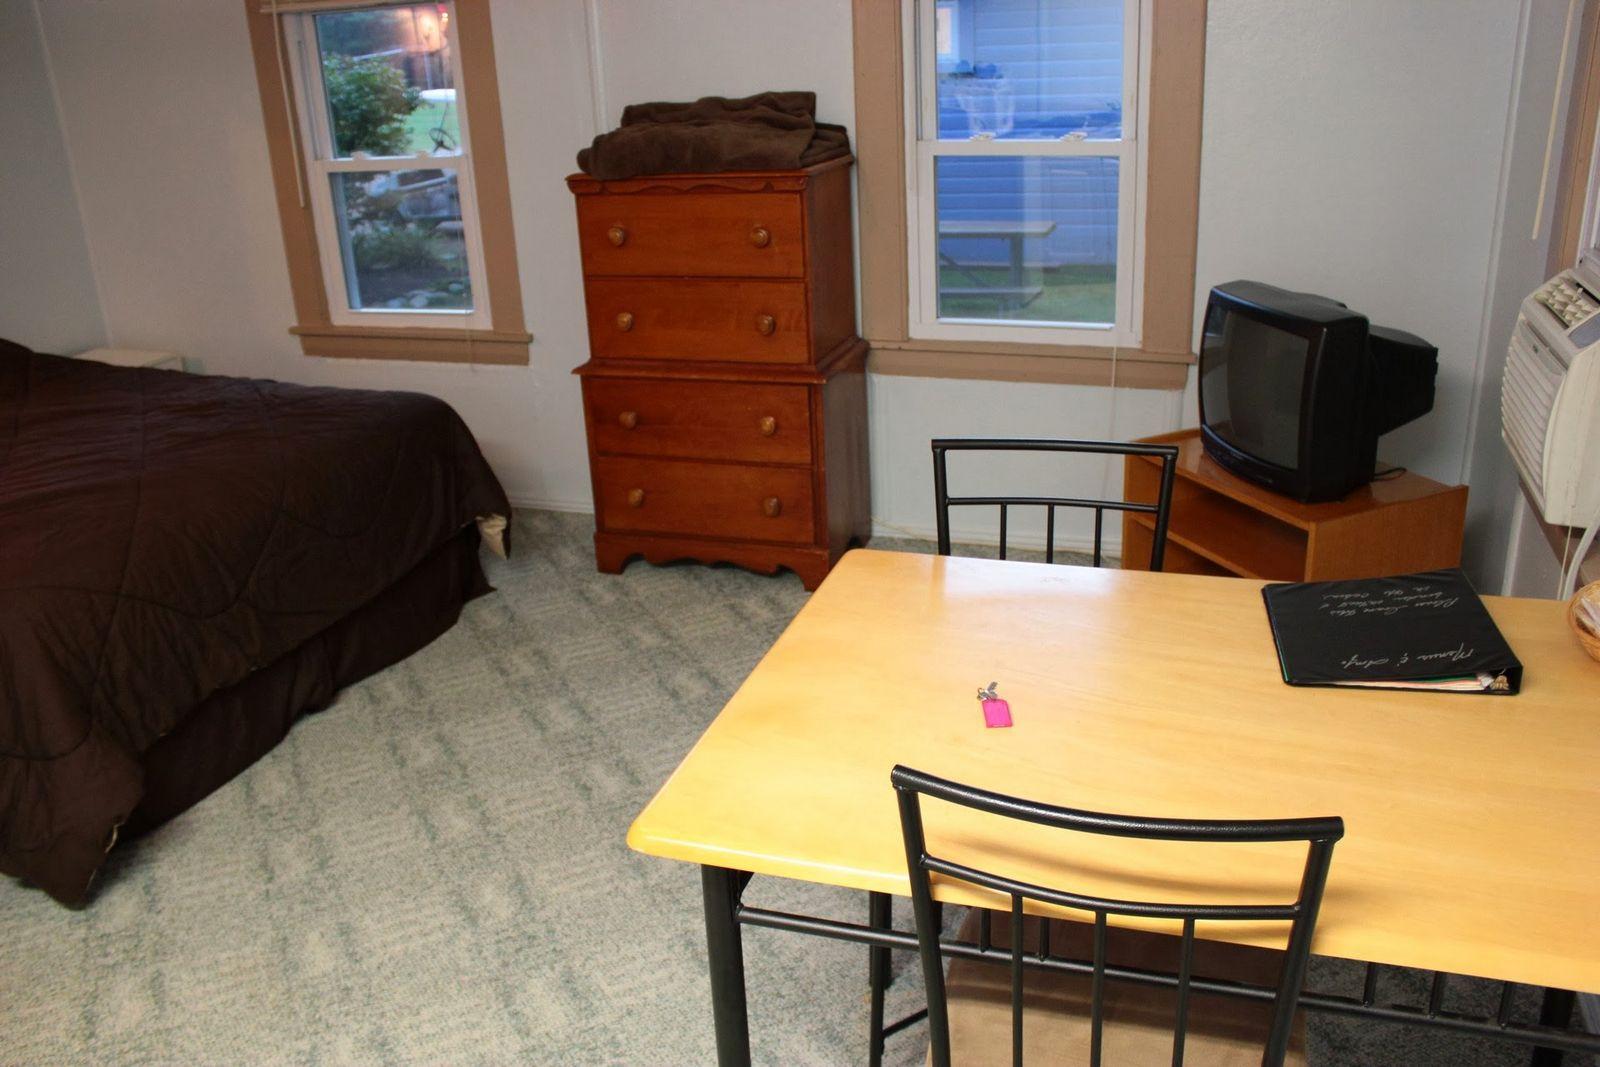 Mesa, cama, calefacción y hasta un televisor